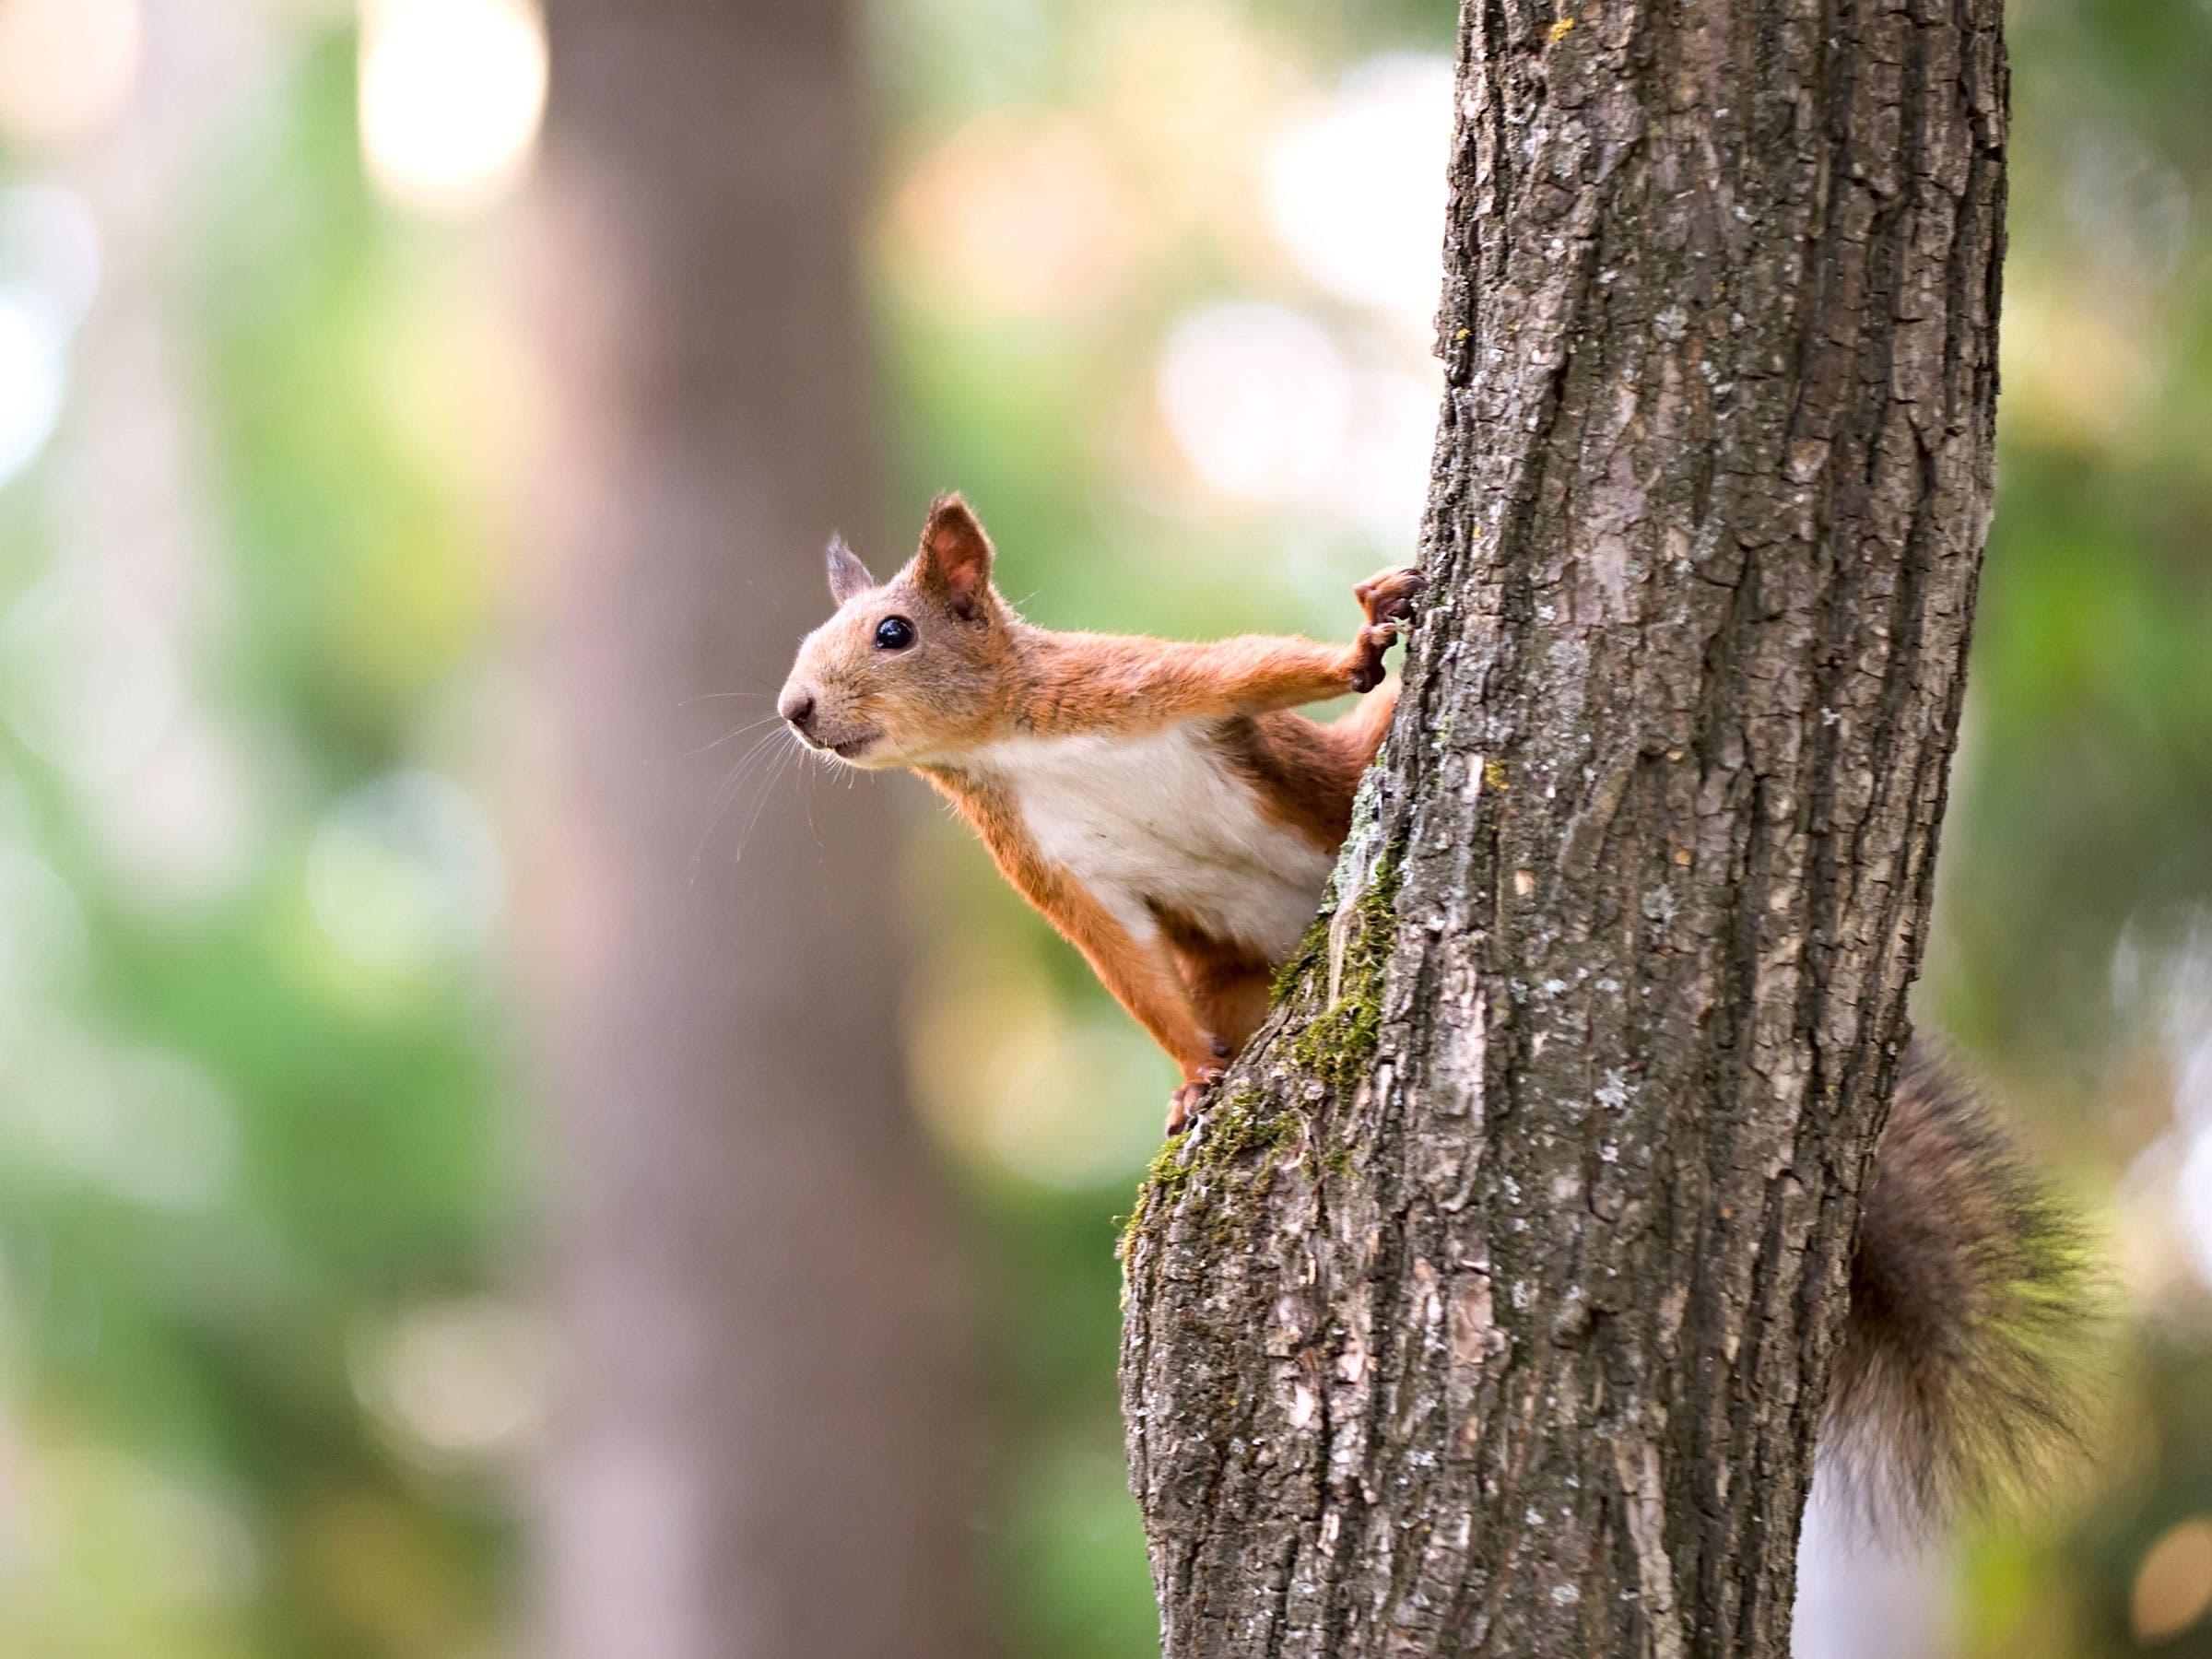 squirrel versus jogger